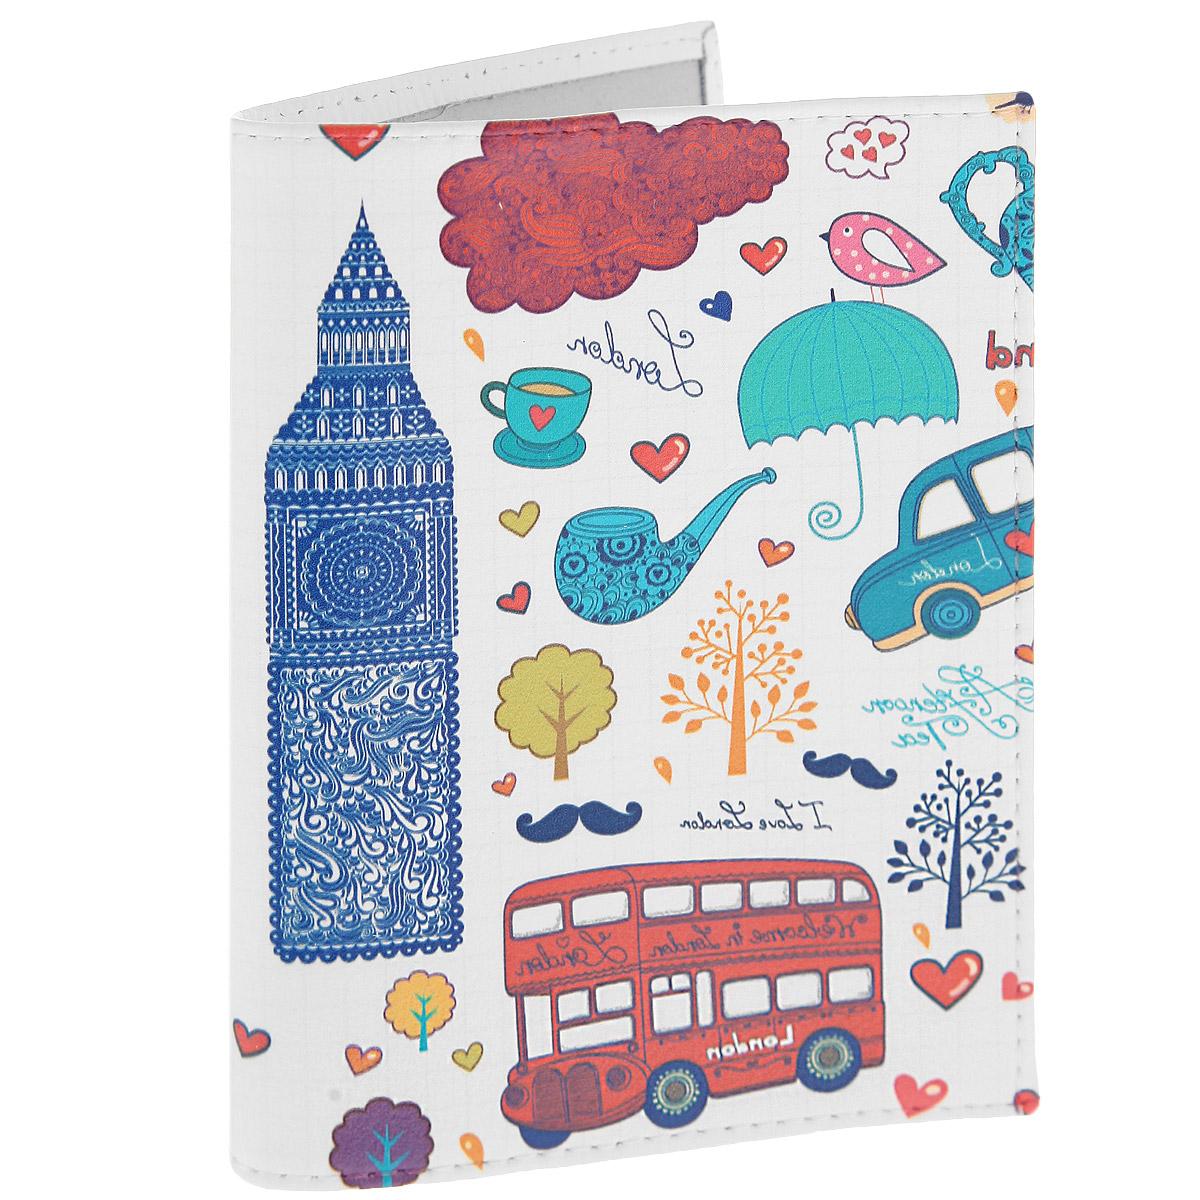 Обложка для паспорта Утренний Лондон. OK225OK225Обложка для паспорта Mitya Veselkov Утренний Лондон выполнена из натуральной кожи и оформлена изображением Биг-Бена и другими яркими рисунками. Такая обложка не только поможет сохранить внешний вид ваших документов и защитит их от повреждений, но и станет стильным аксессуаром, идеально подходящим вашему образу. Яркая и оригинальная обложка подчеркнет вашу индивидуальность и изысканный вкус. Обложка для паспорта стильного дизайна может быть достойным и оригинальным подарком.